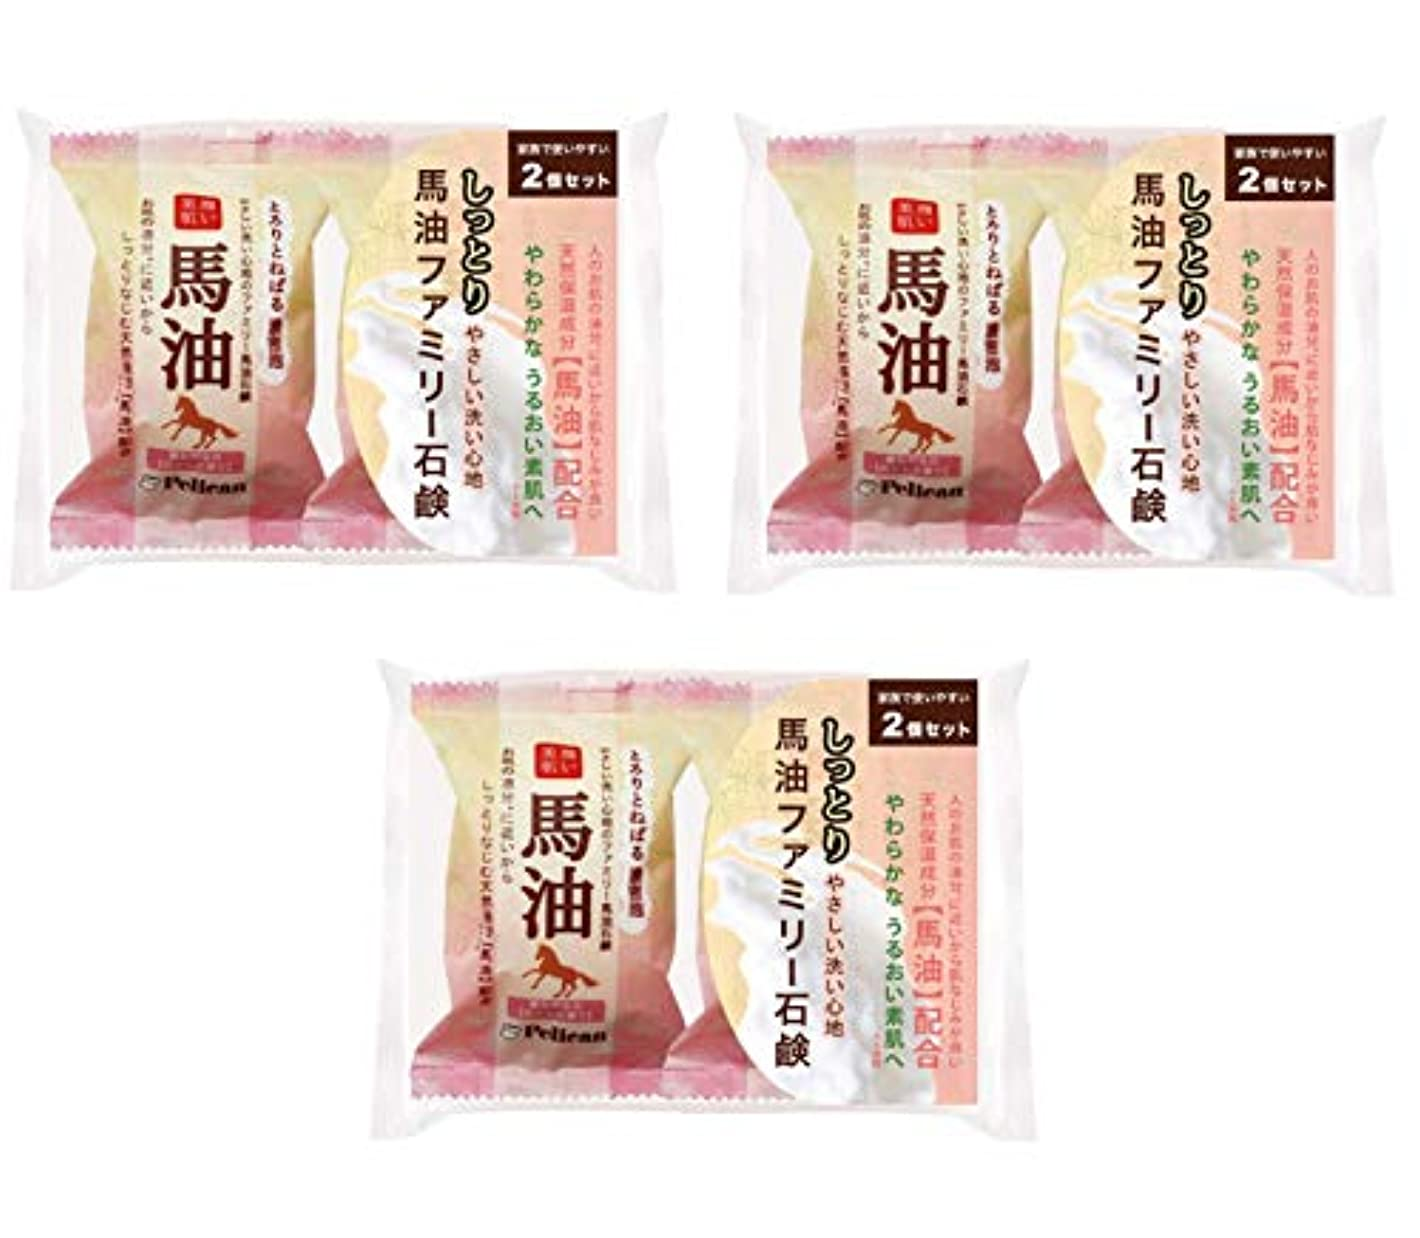 【まとめ買い】ペリカン石鹸 ファミリー 馬油石鹸 2P ×3個セット